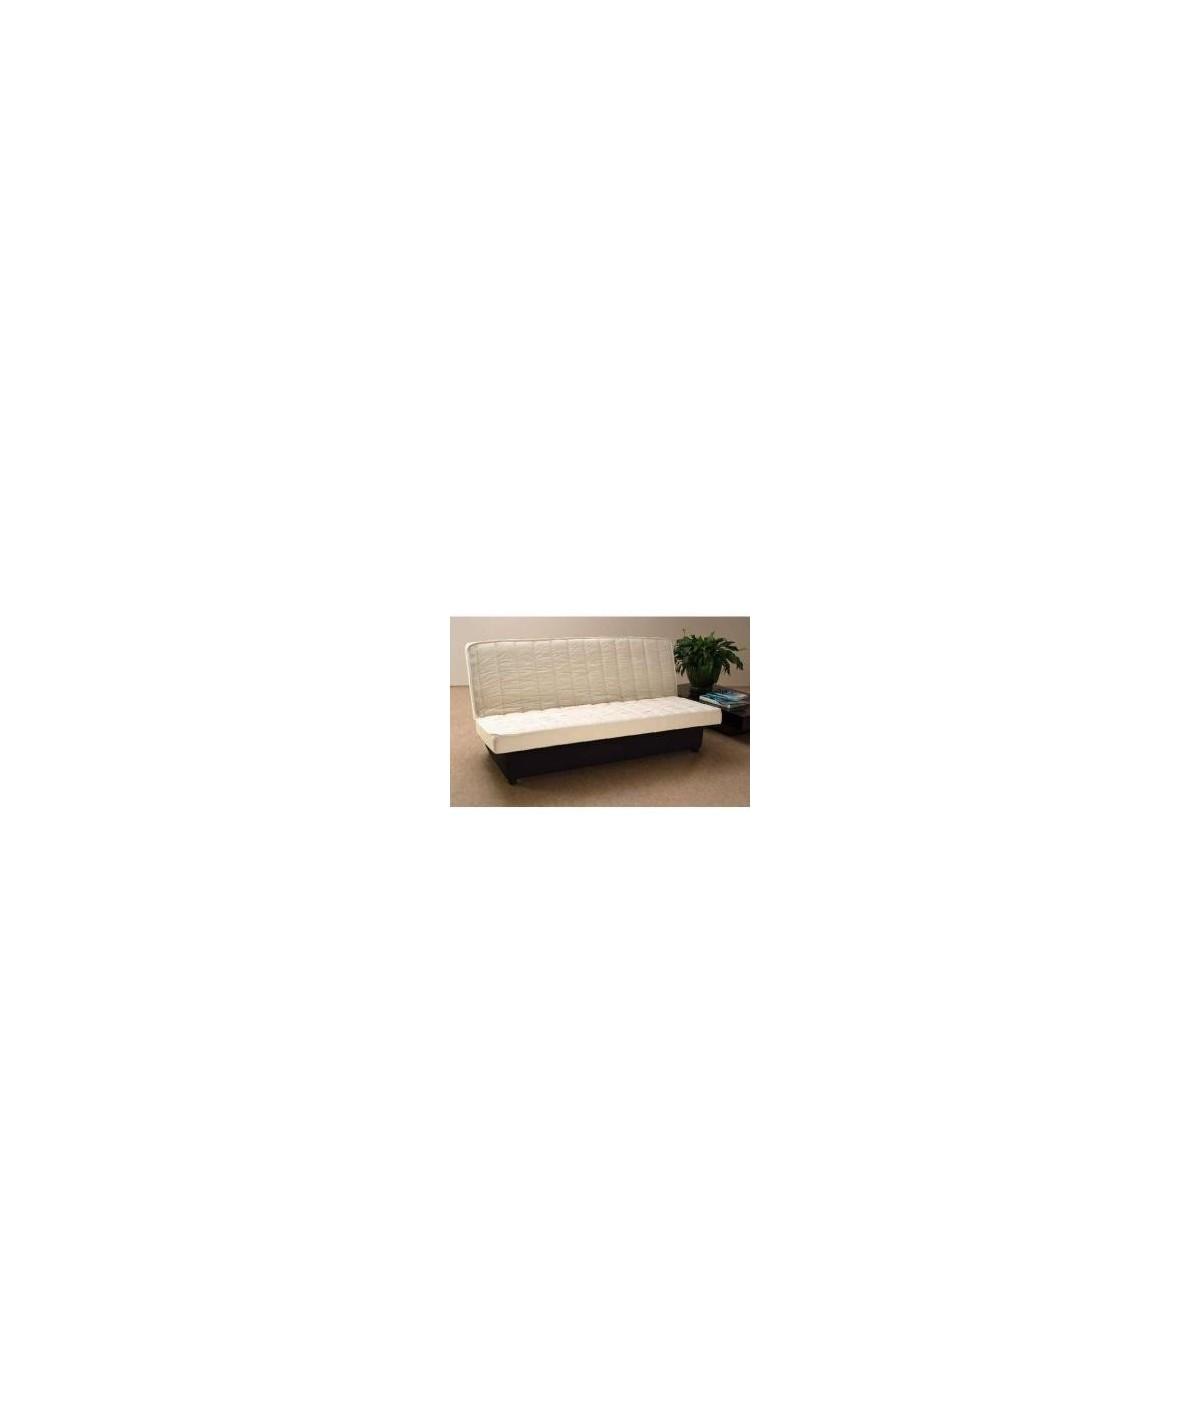 Matelas Clic Clac 10cm  Latex Naturel 80 Kg/m3 + Poli Lattex Indéformable Souple + Protège Matelas + Oreiller à Mémoire OFFERTS